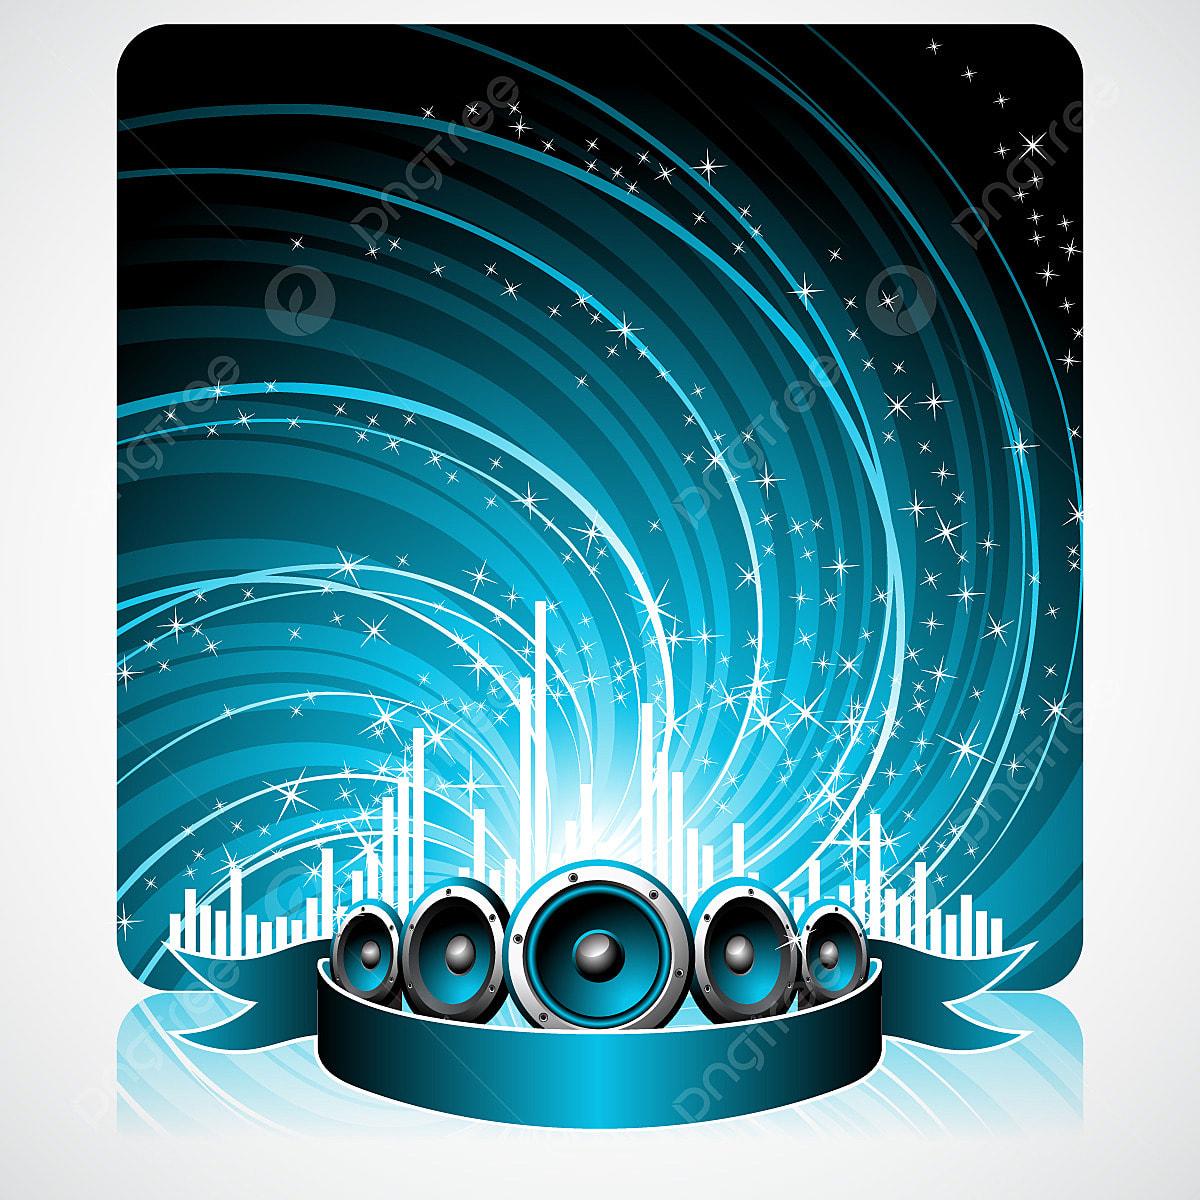 b1aafb882 النواقل التوضيح عن موضوع الموسيقية مع المتكلمين ديسكو الكرة حر PNG و سهم  التوجيه